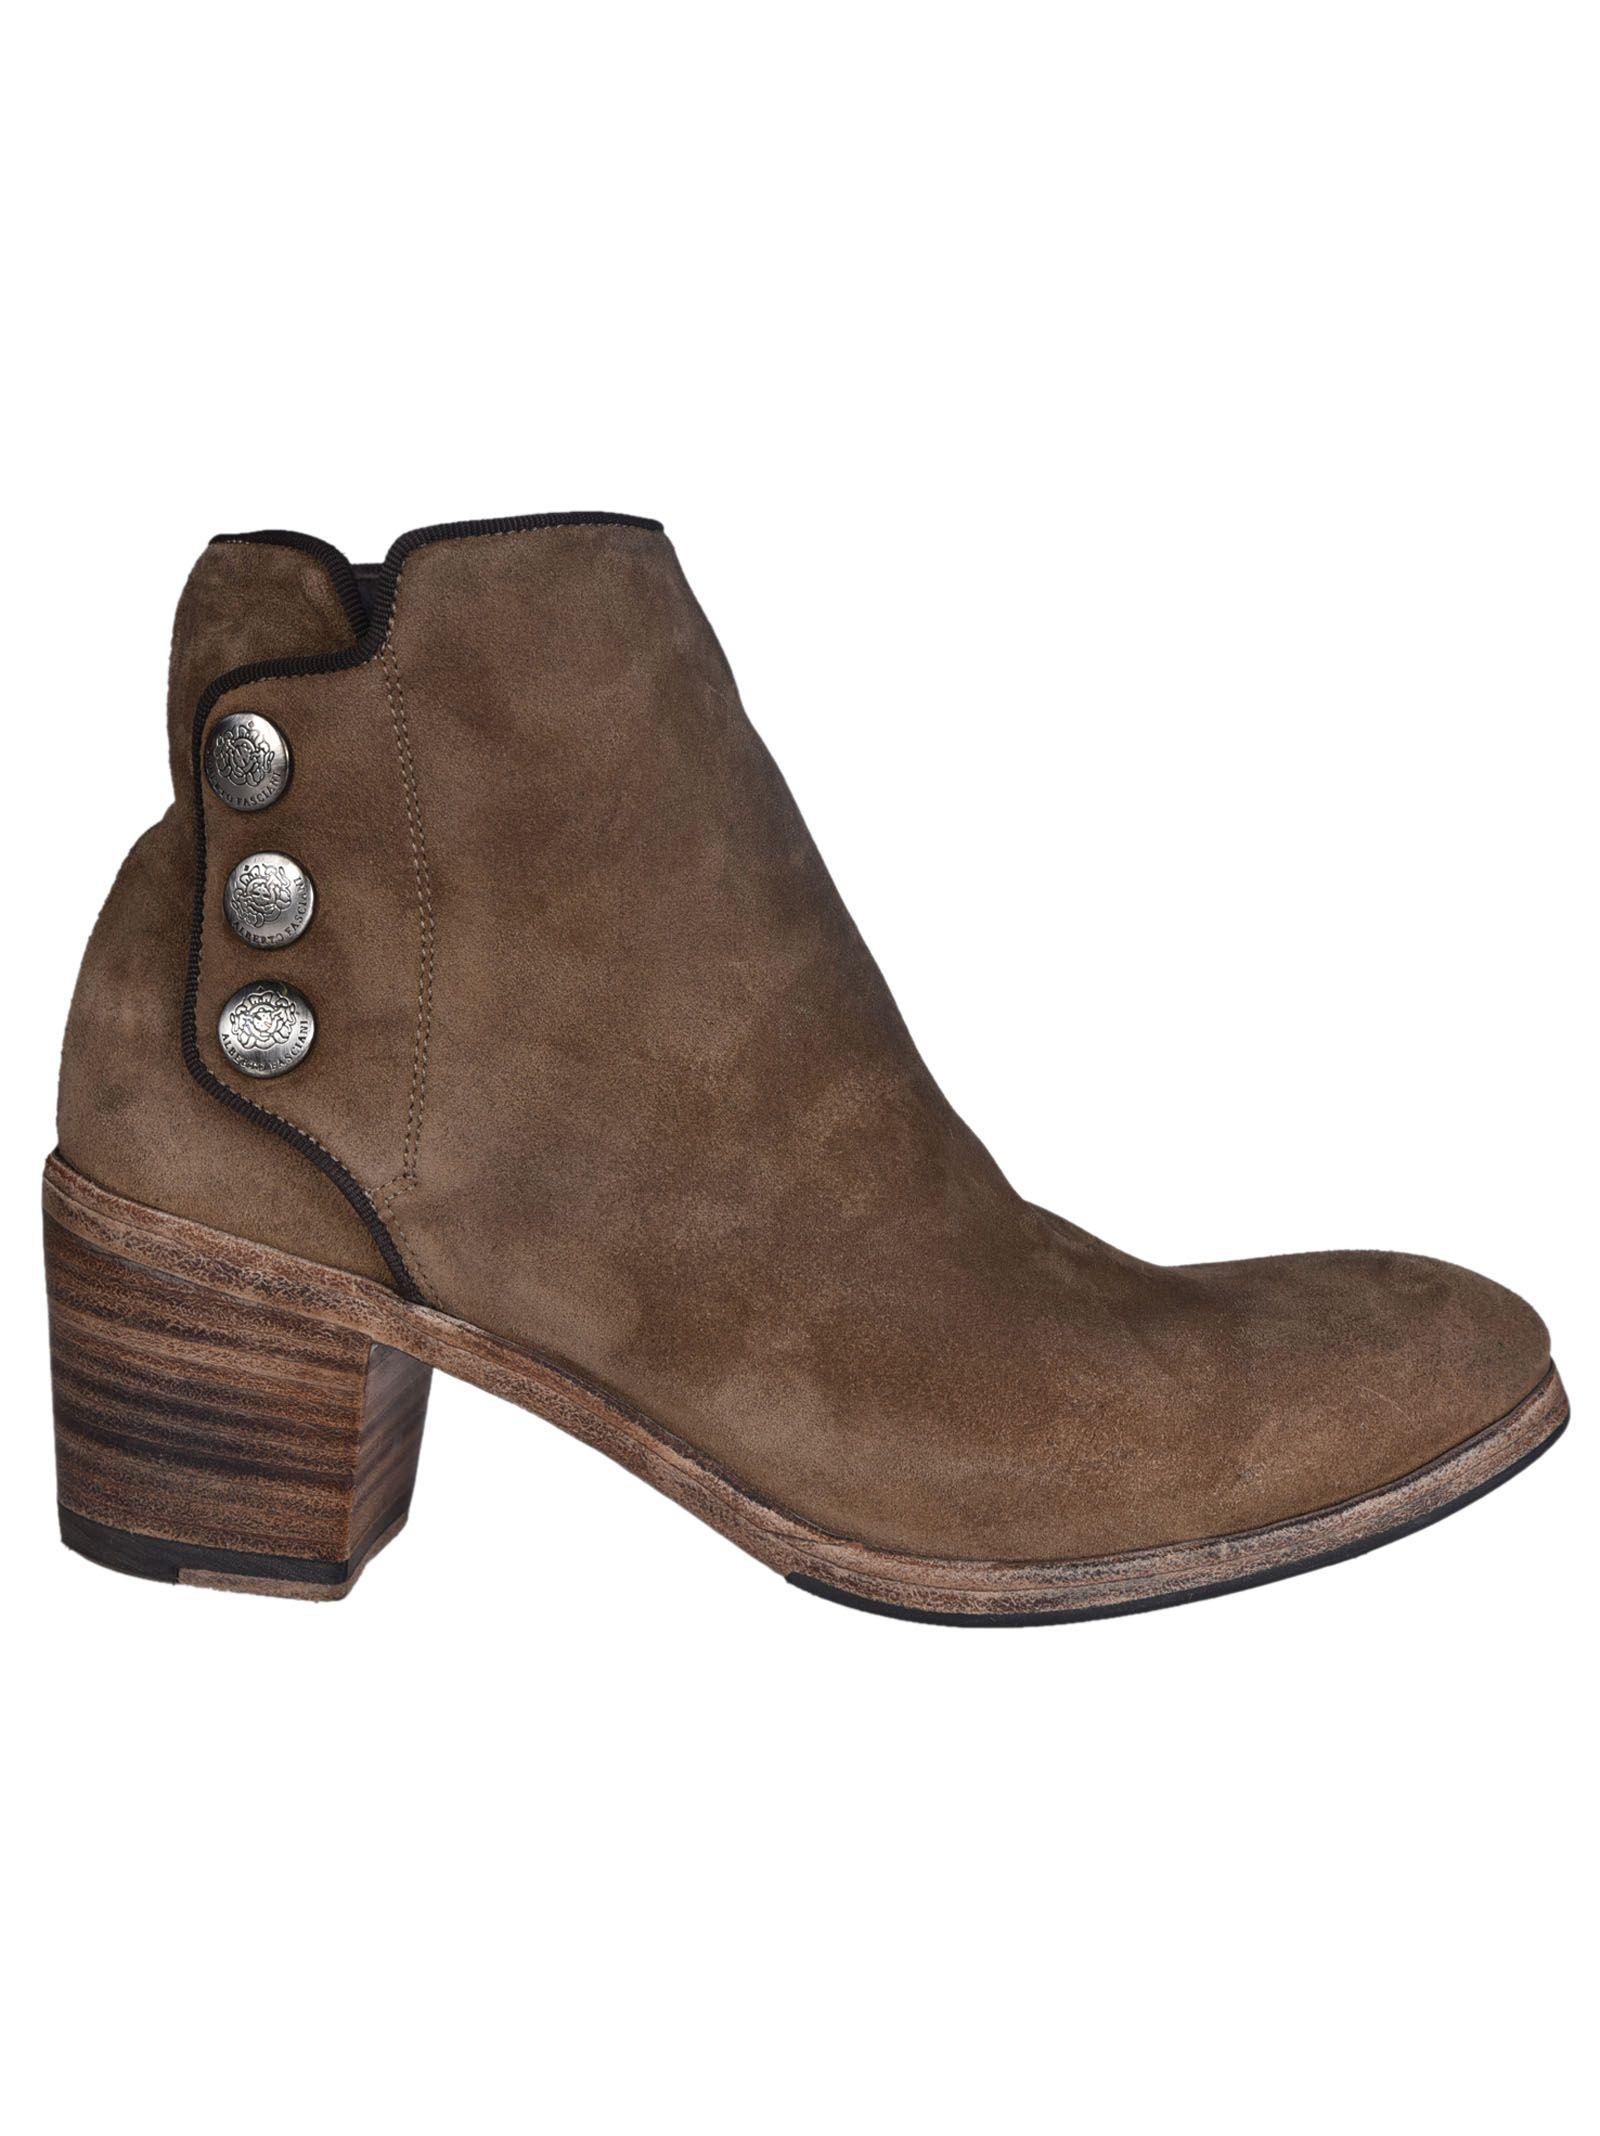 Alberto Fasciani 'sveva' Buttoned Ankle Boots